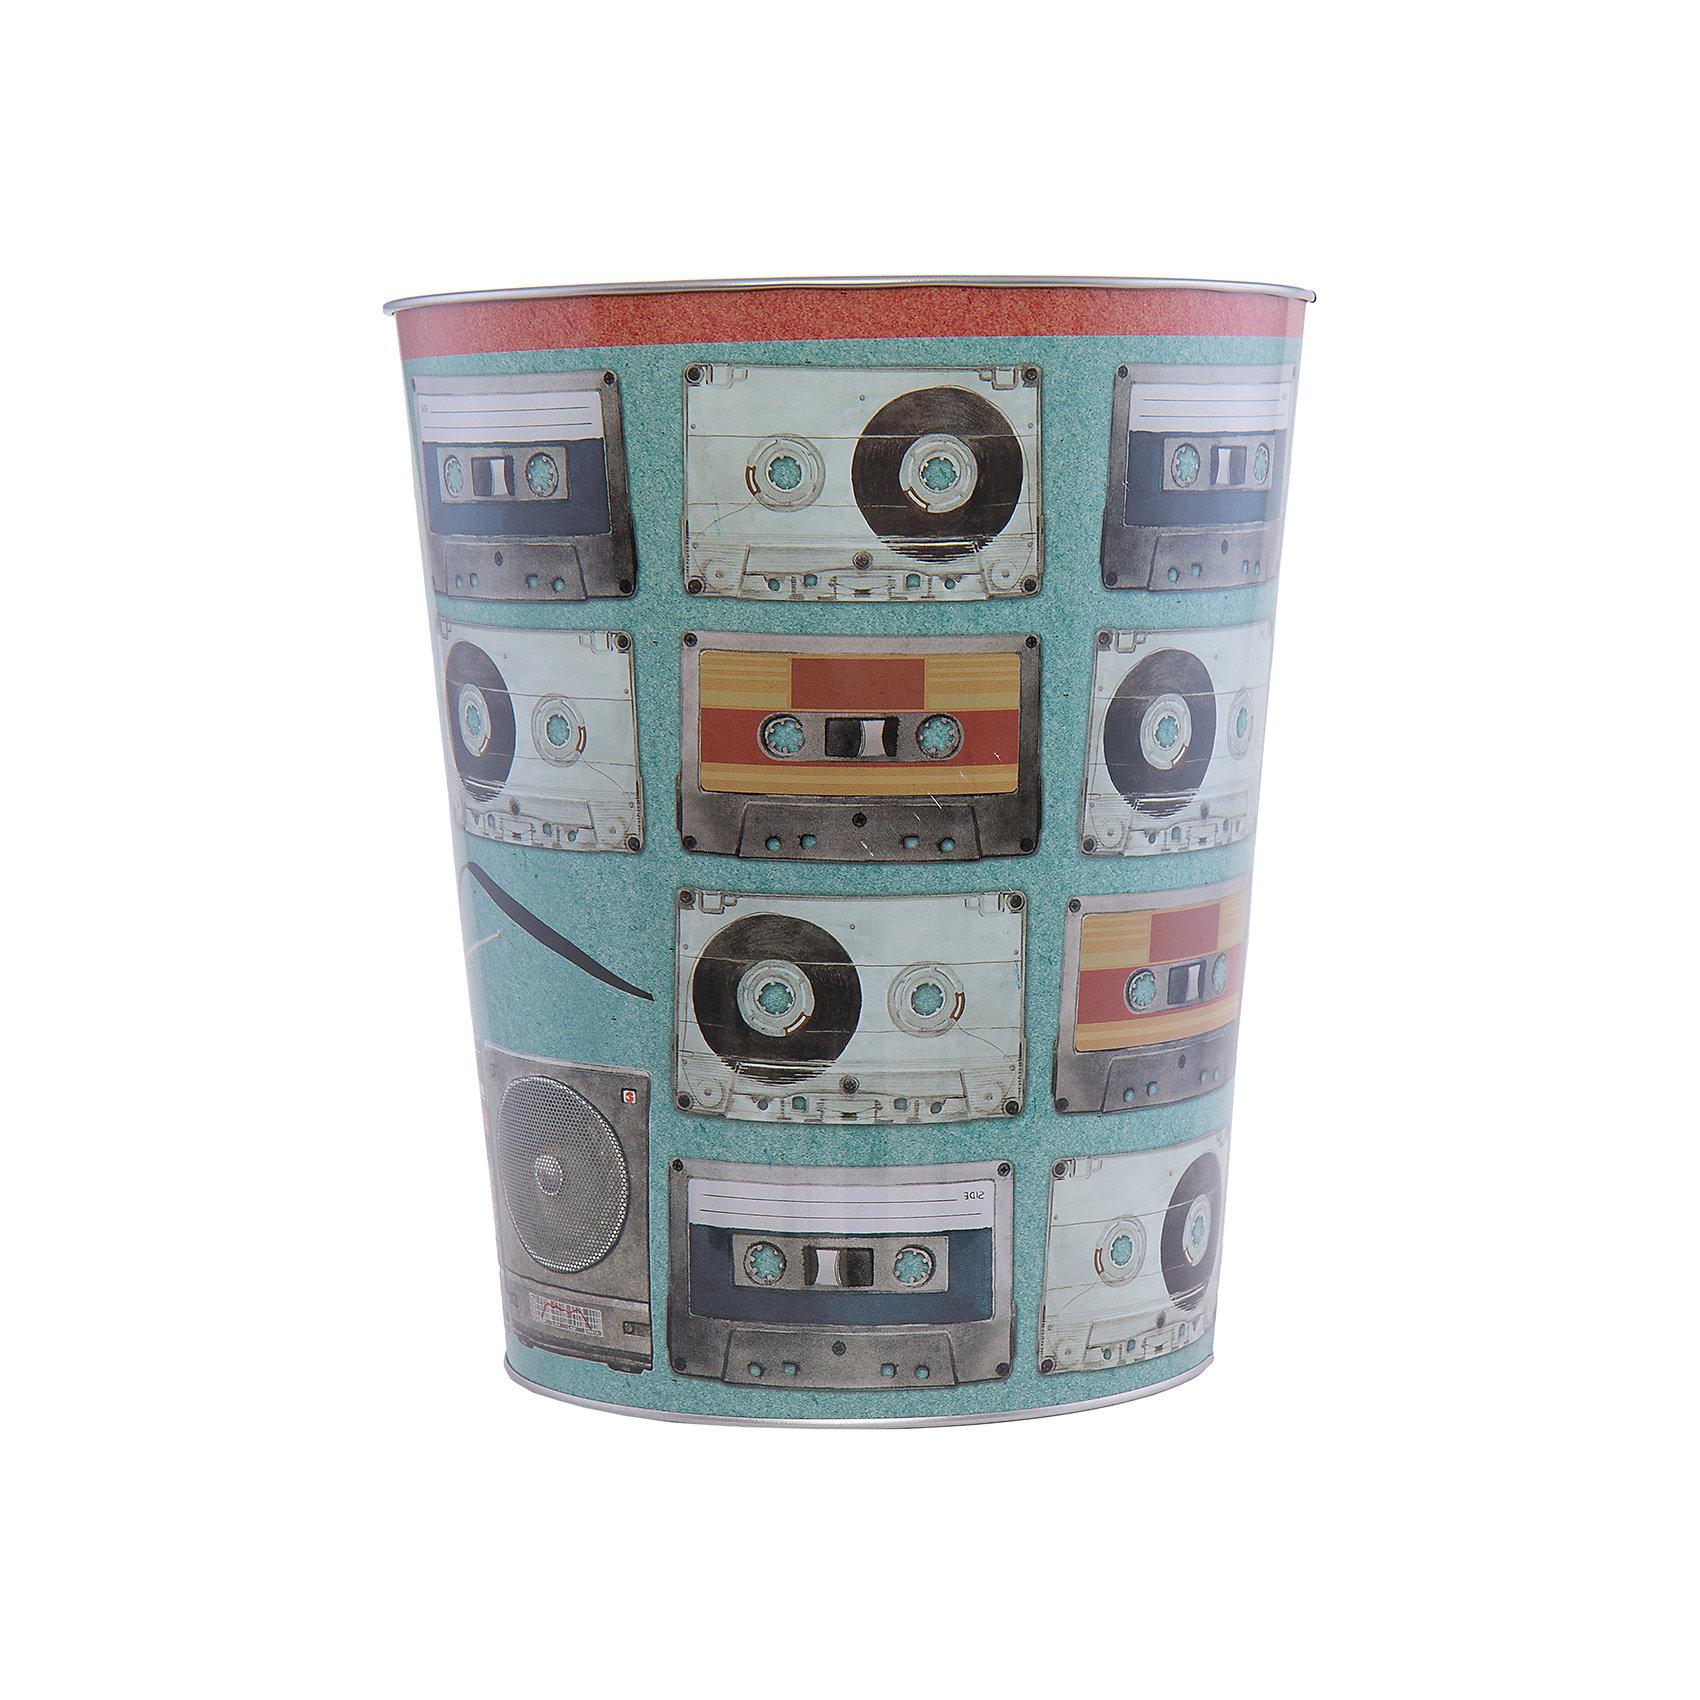 Ведро мусорное АудиокассетыПорядок в детской<br>Аудиокассеты - ведро для мусора, сделанное из металла и украшенное рисунком с аудиокассетами. Простое и практичное ведро удобно использовать как дома, так и на рабочем месте.<br><br>Дополнительная информация:<br>Материал: металл<br>Диаметр: 22,5 см<br>Высота: 26,5 см<br>Вес: 390 грамм<br>Мусорное ведро Аудиокассеты можно приобрести в нашем интернет-магазине.<br><br>Ширина мм: 690<br>Глубина мм: 250<br>Высота мм: 240<br>Вес г: 411<br>Возраст от месяцев: 84<br>Возраст до месяцев: 216<br>Пол: Унисекс<br>Возраст: Детский<br>SKU: 4957978